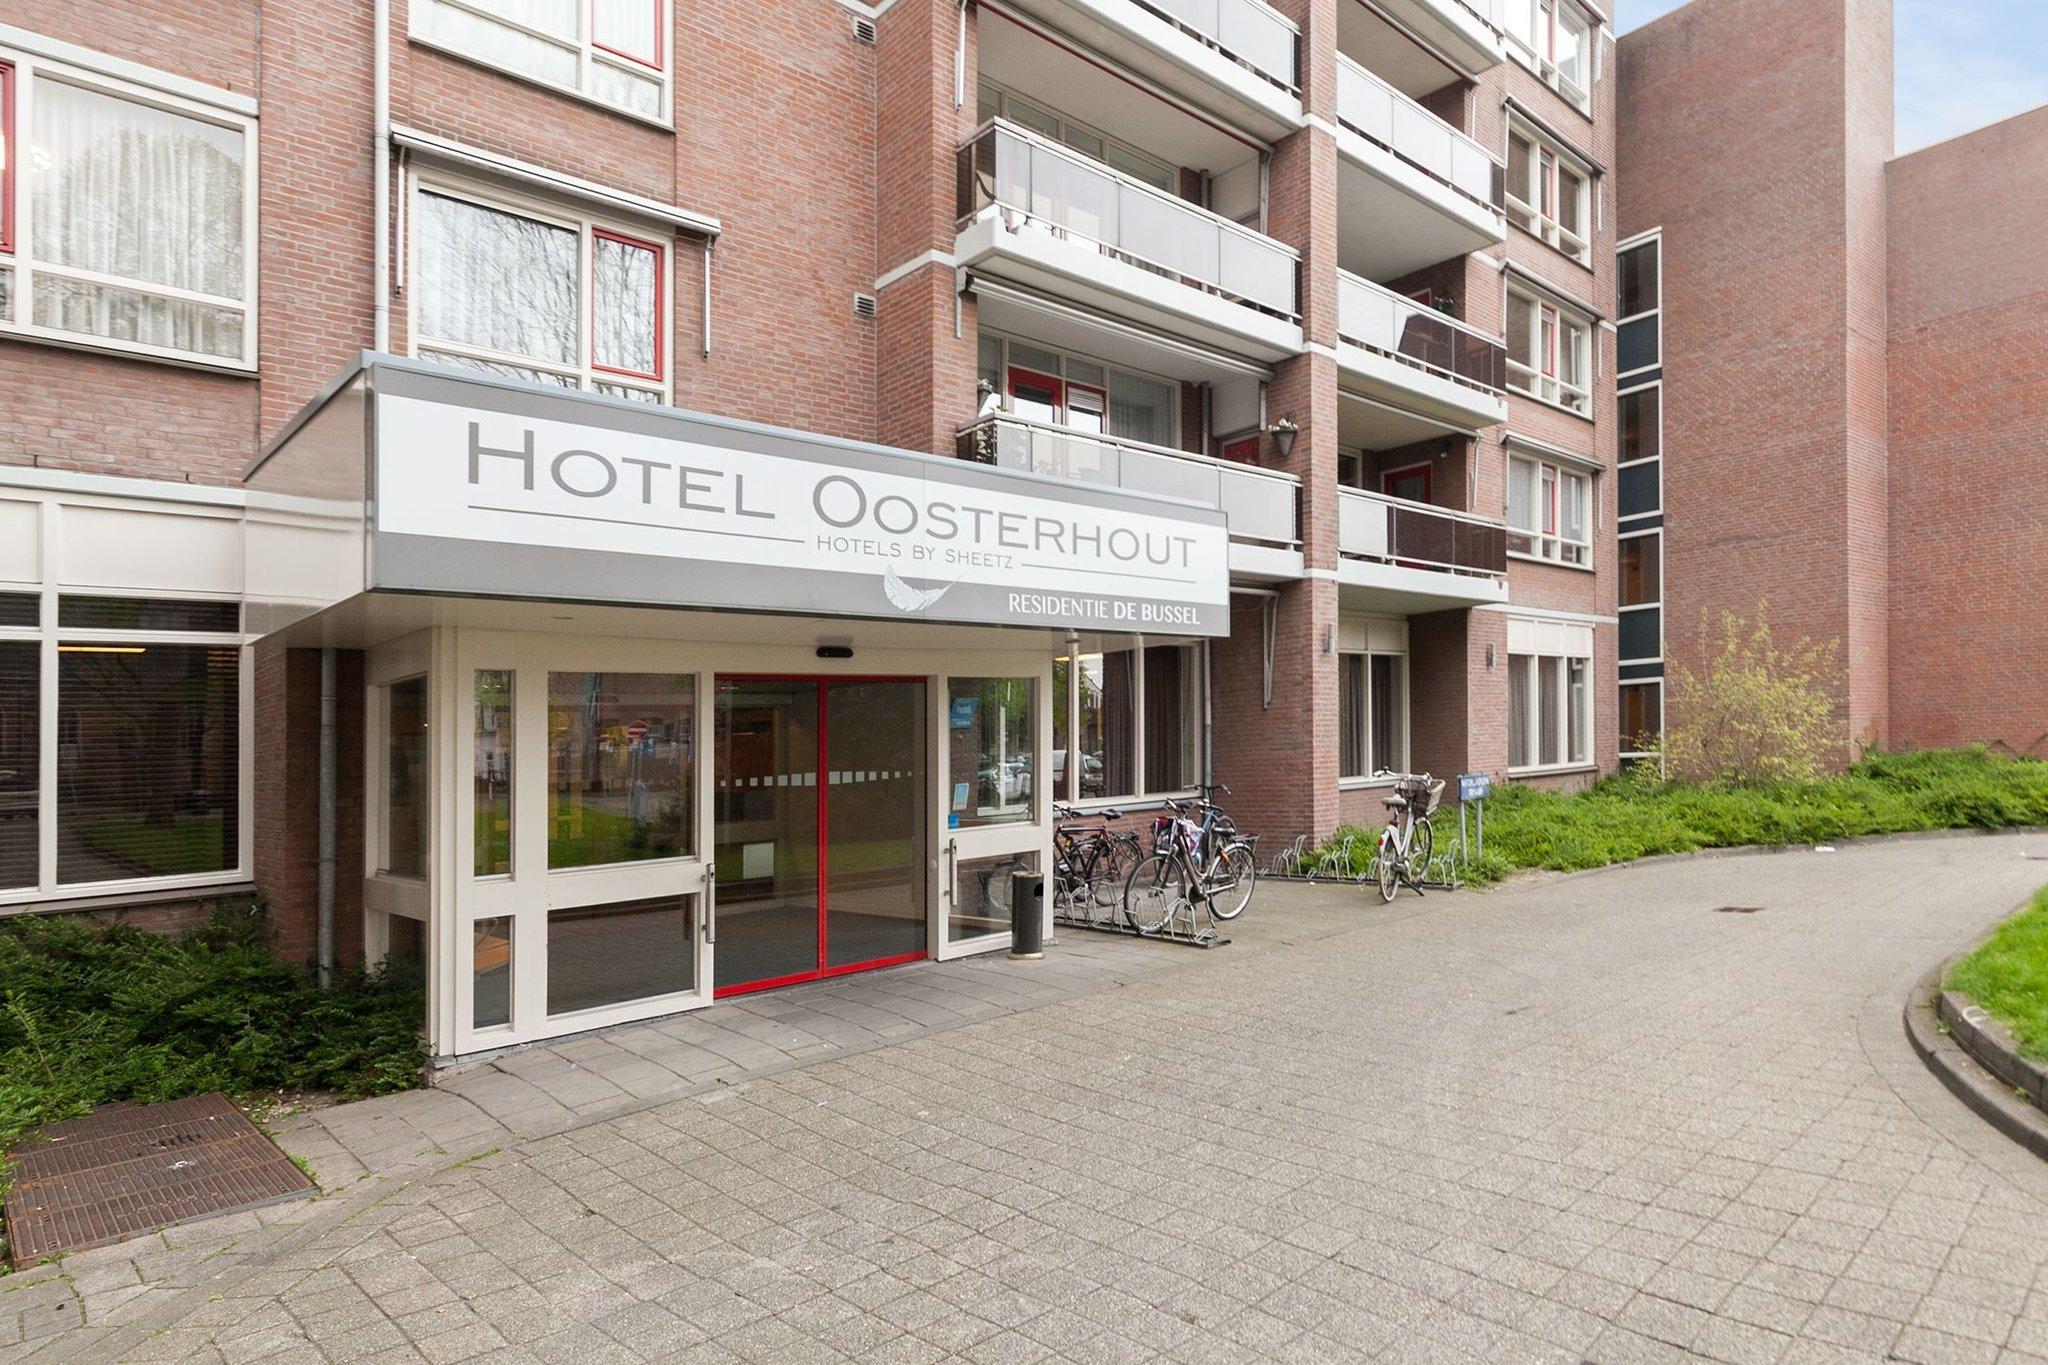 Charm Hotel Oosterhout